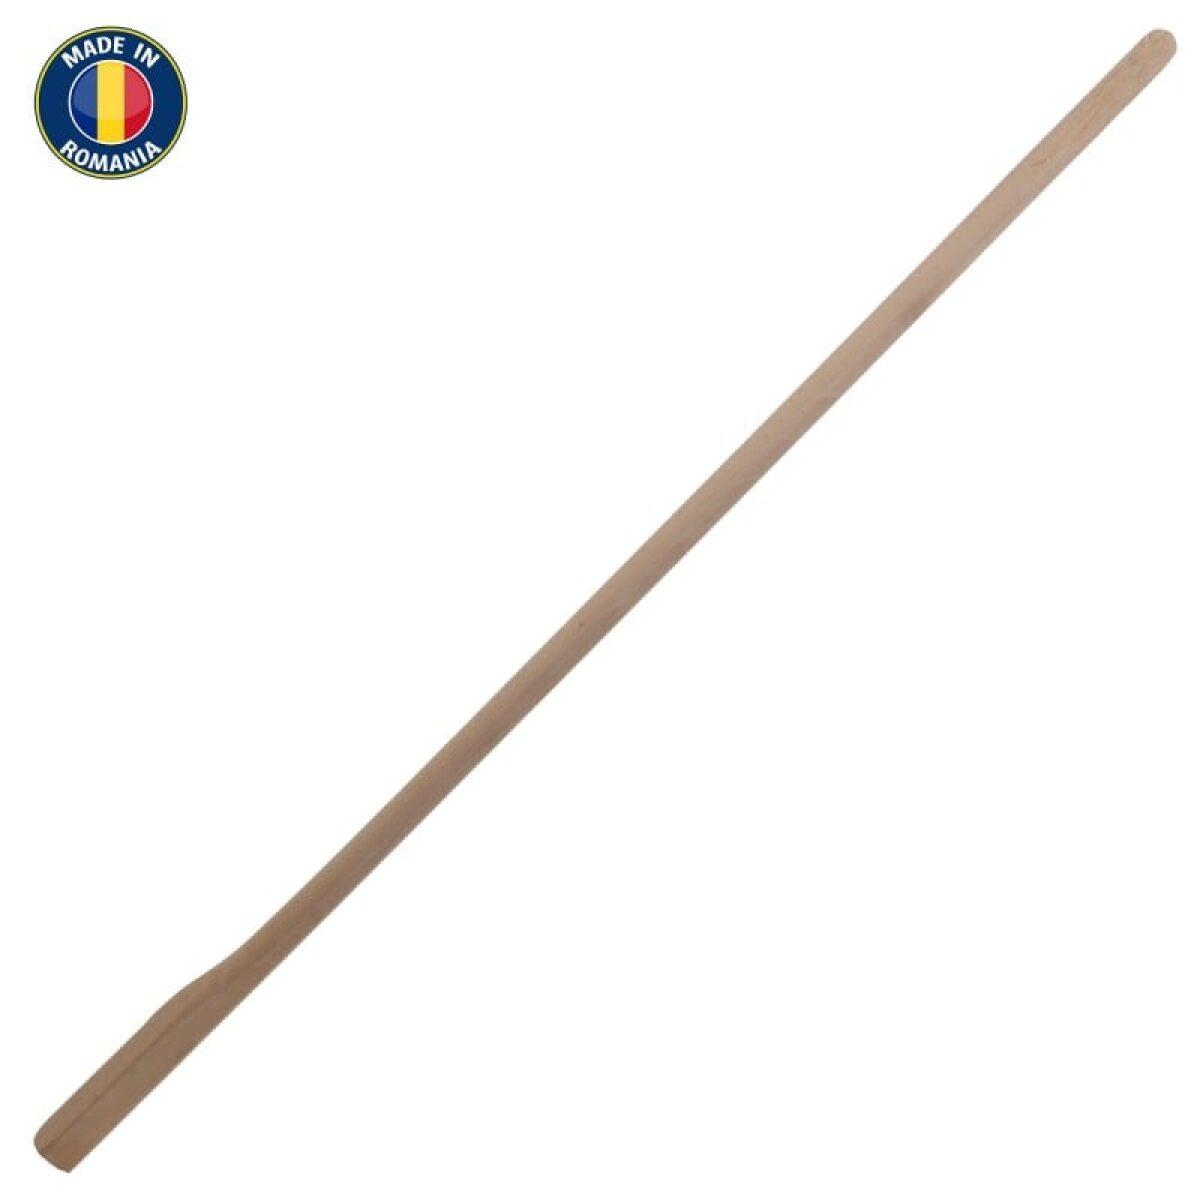 coada lemn pentru sapa forjata s padure gardina.ro 9